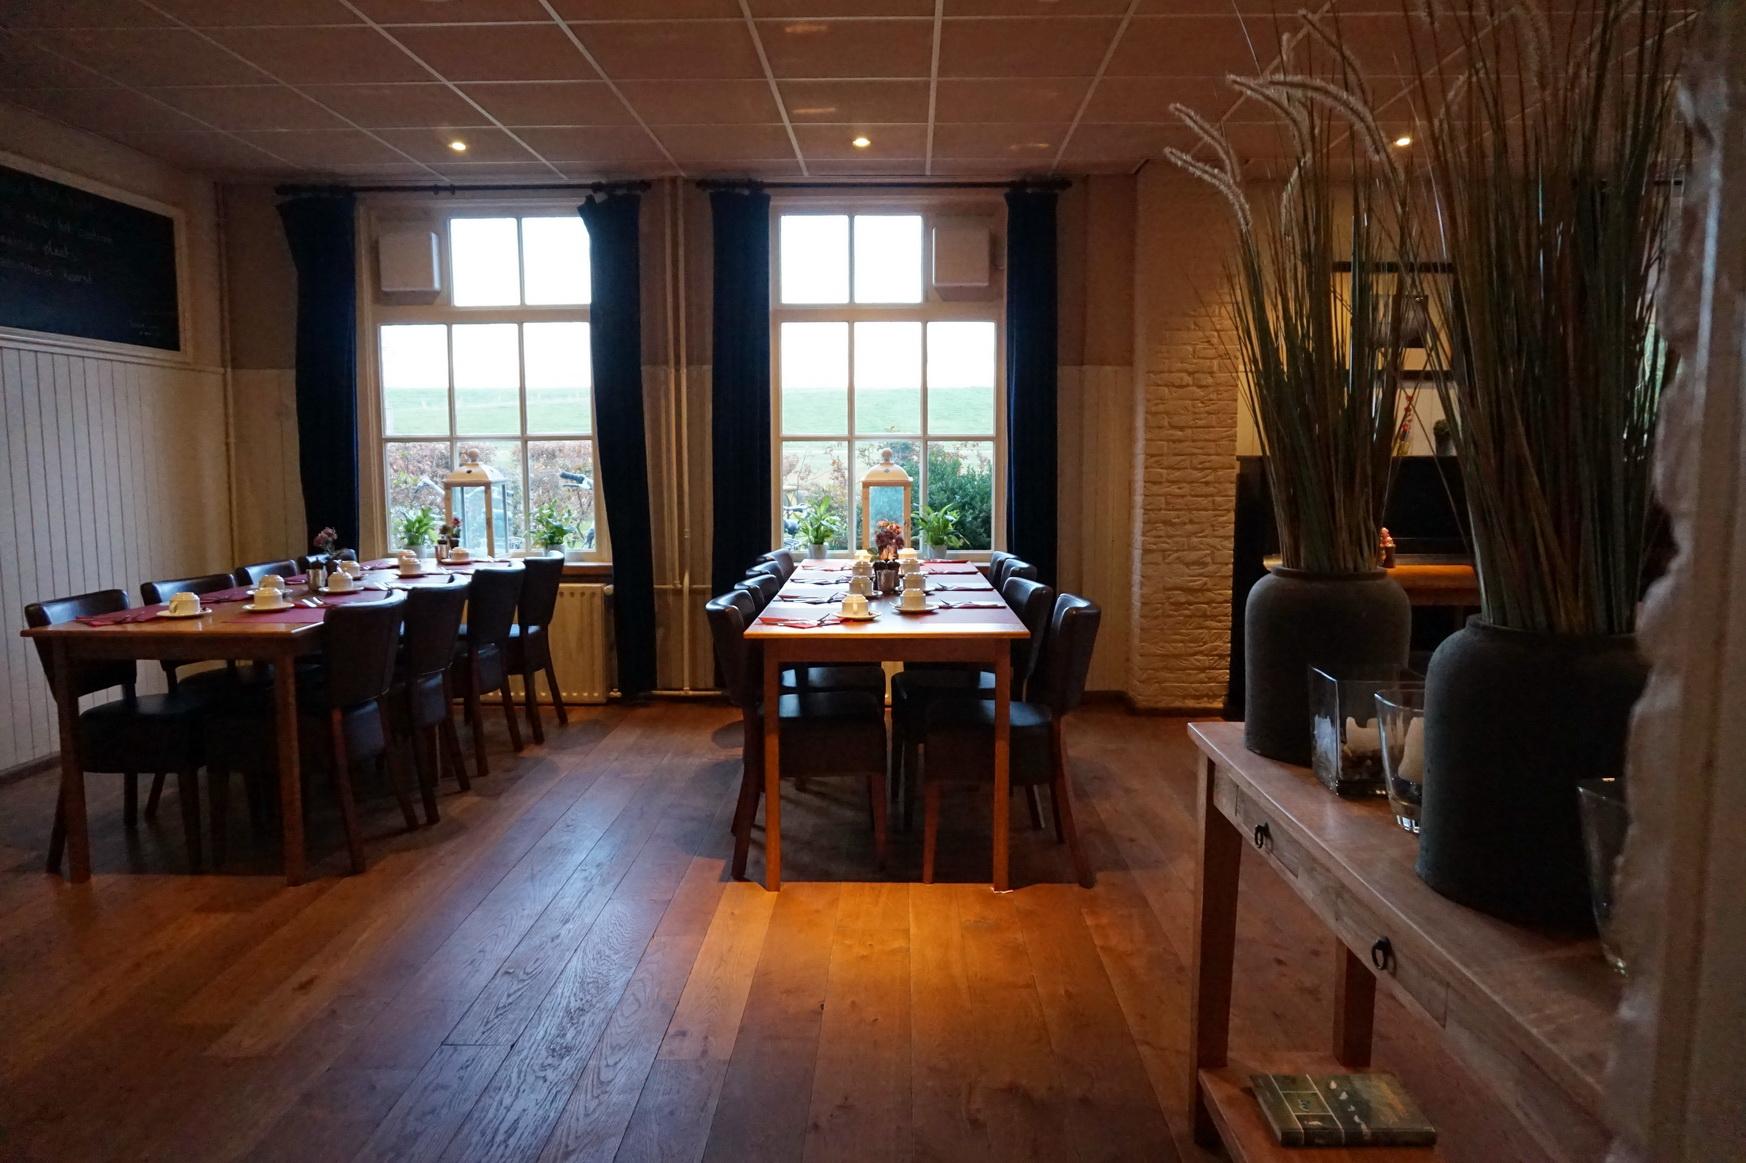 Bodentiefe Fenster und Holzfußboden im Restaurant